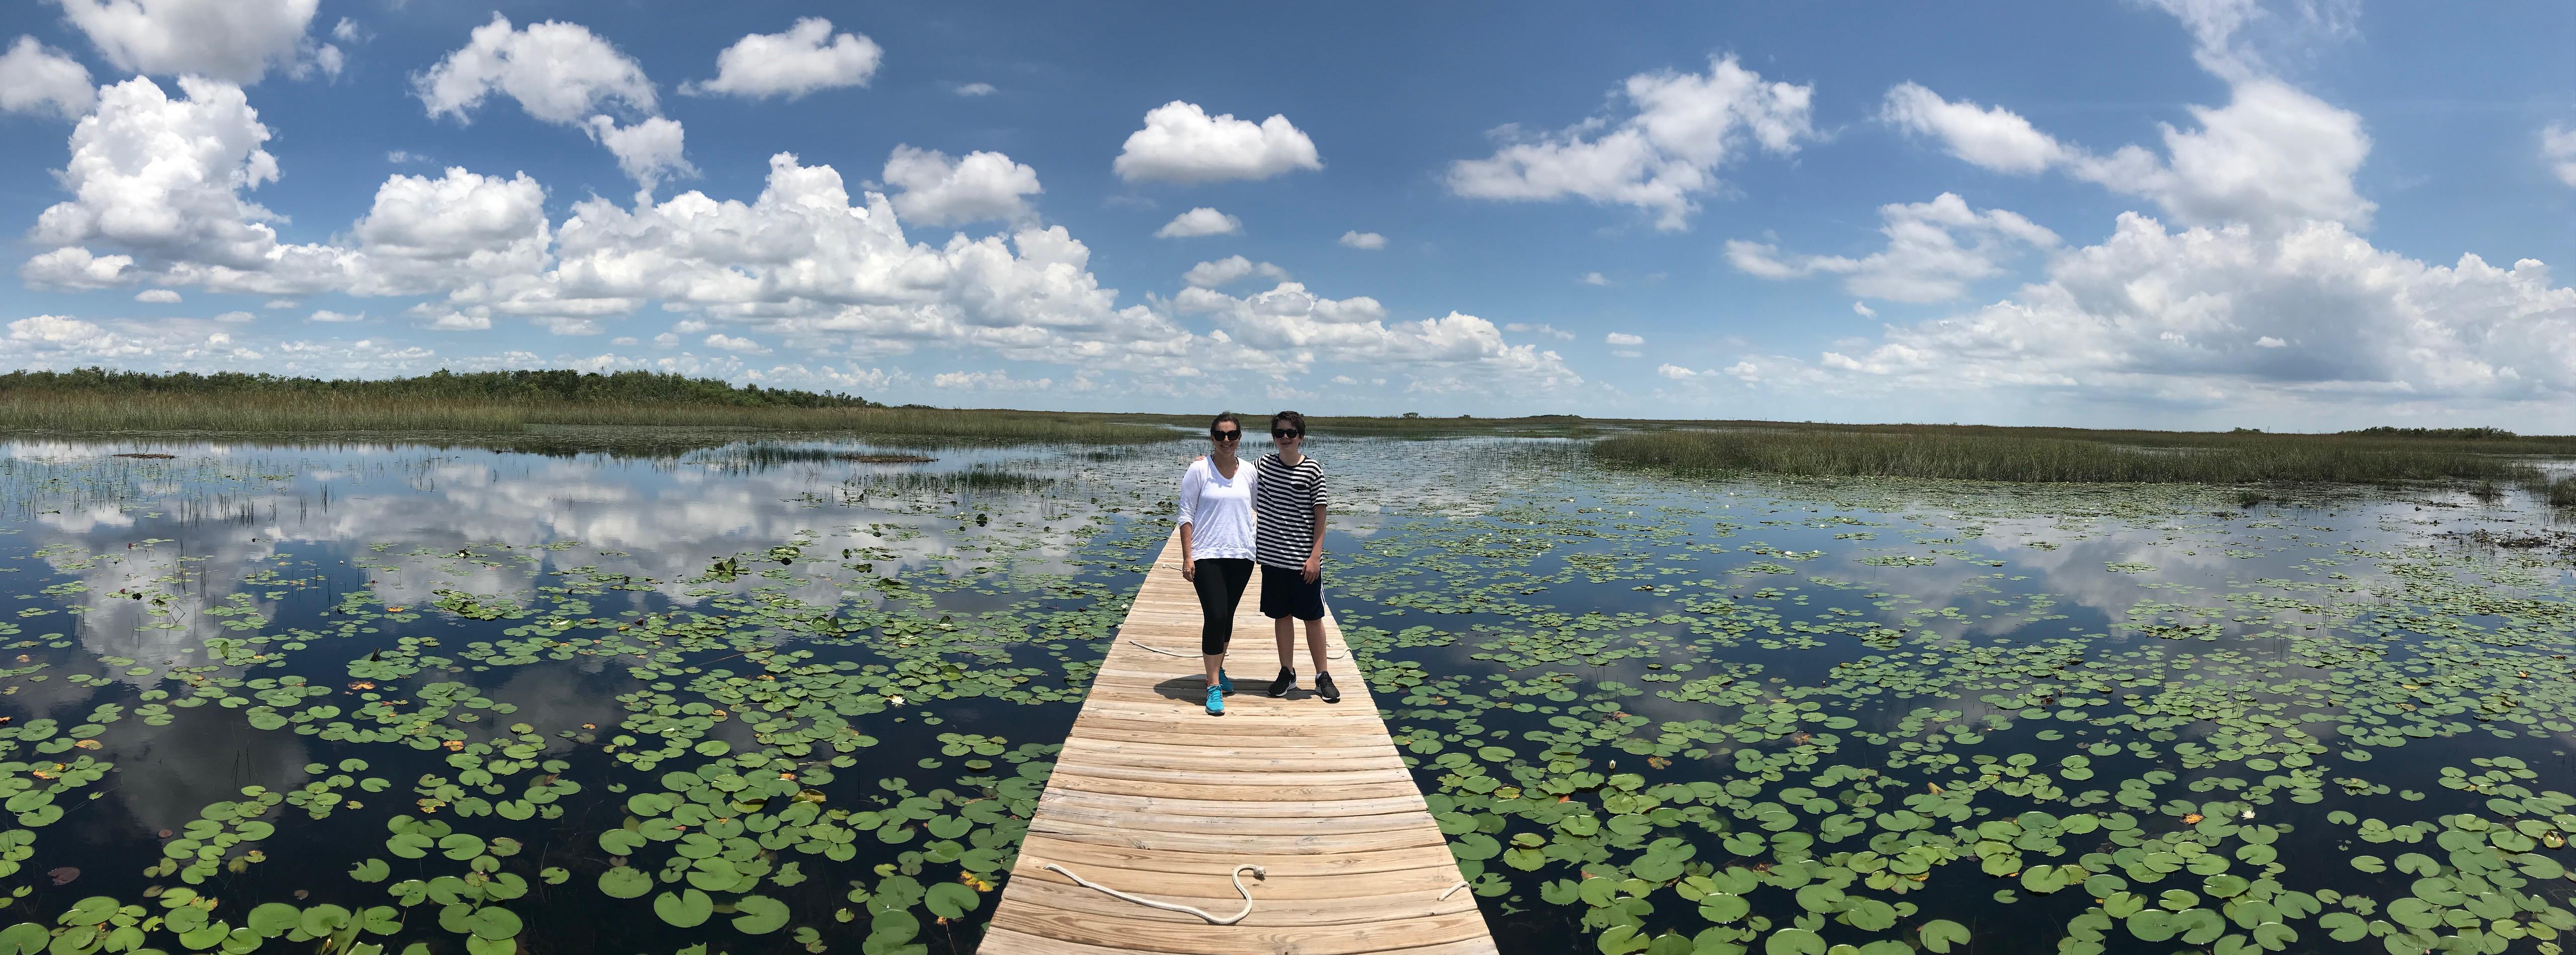 EvergladesTour